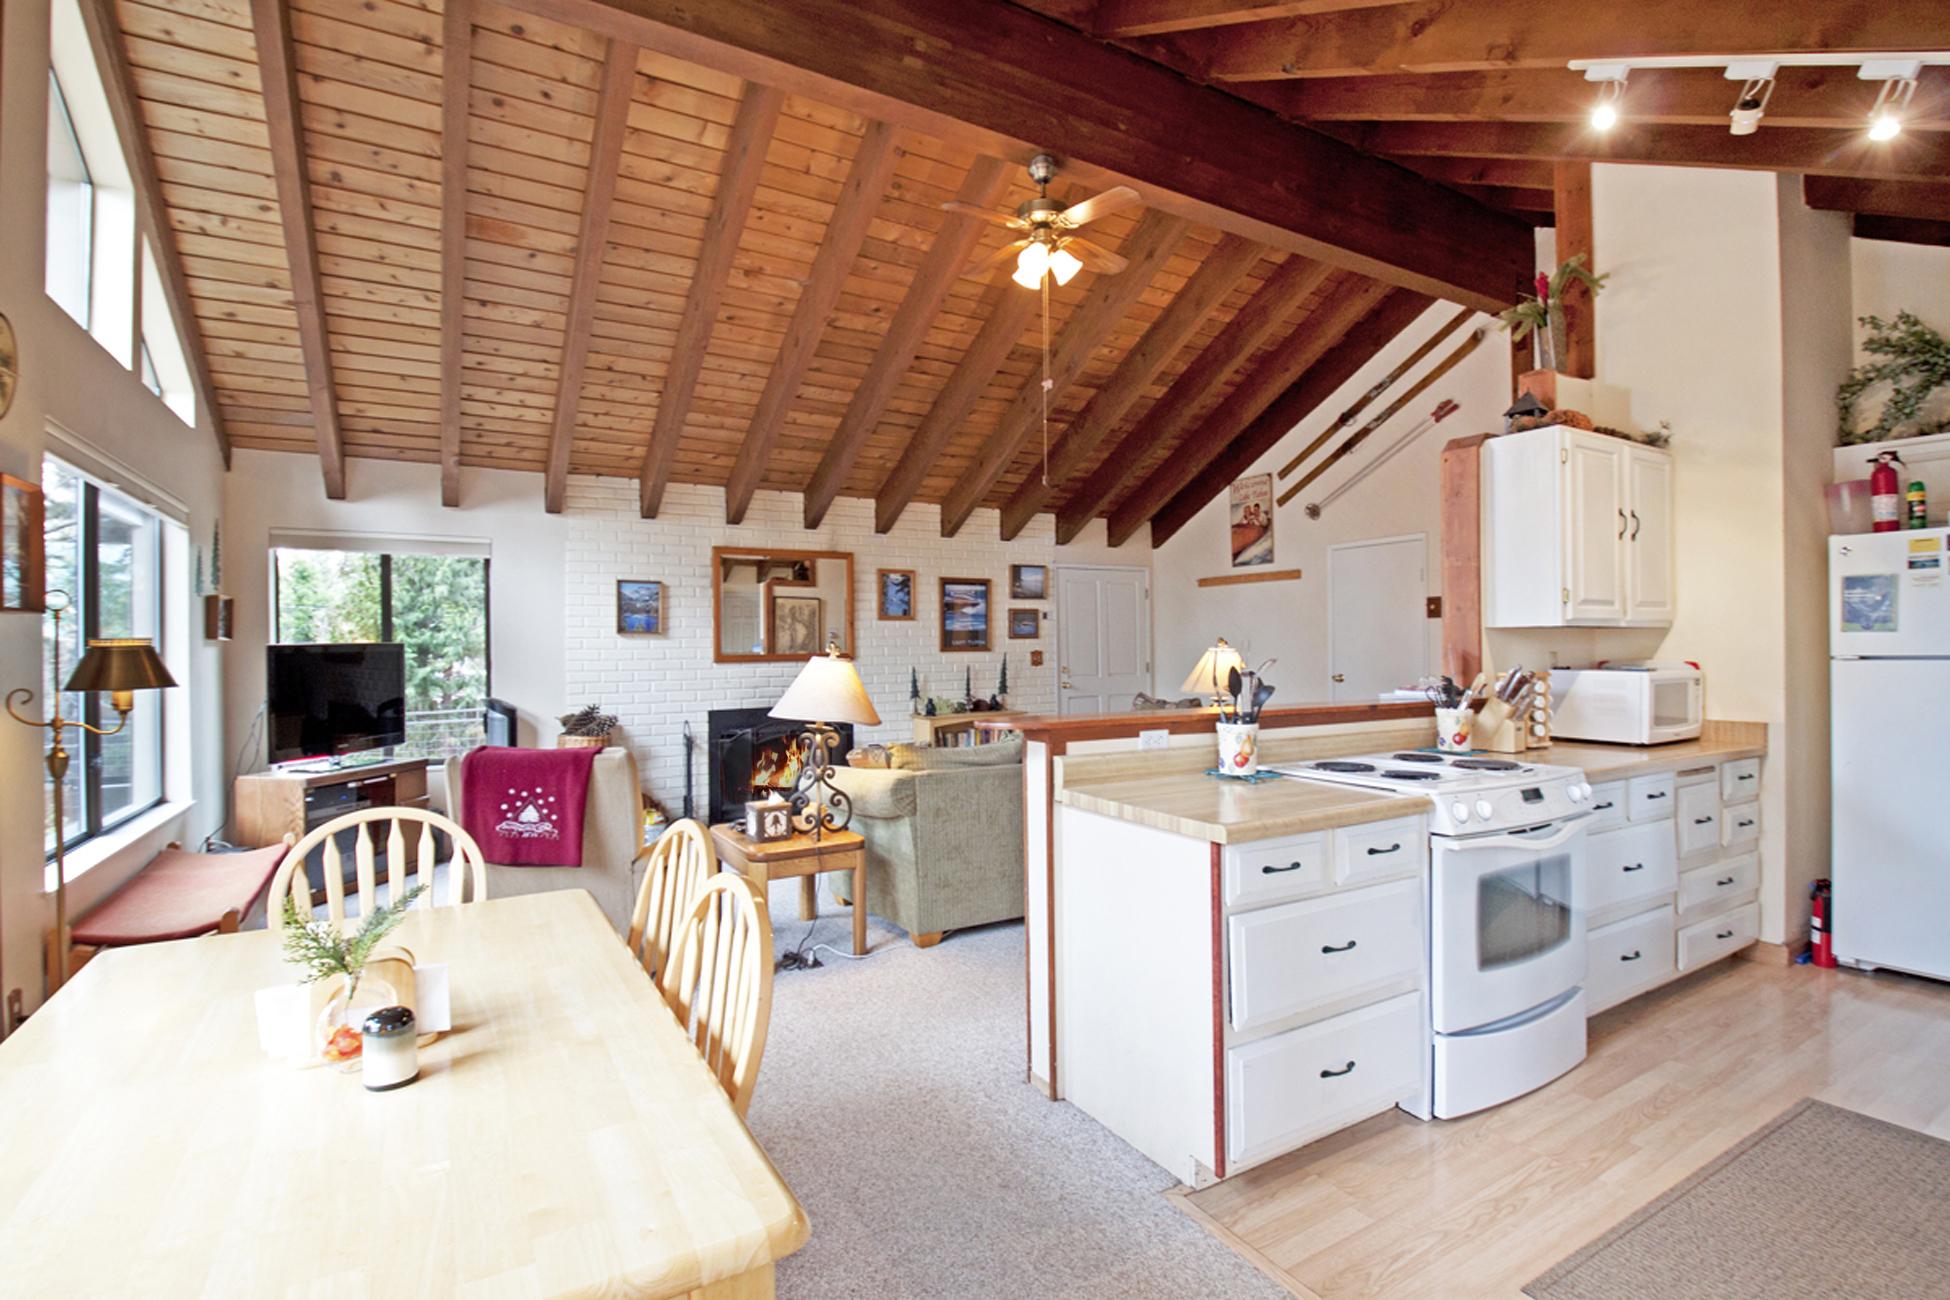 Listing Image 3 for Corbett Cabin